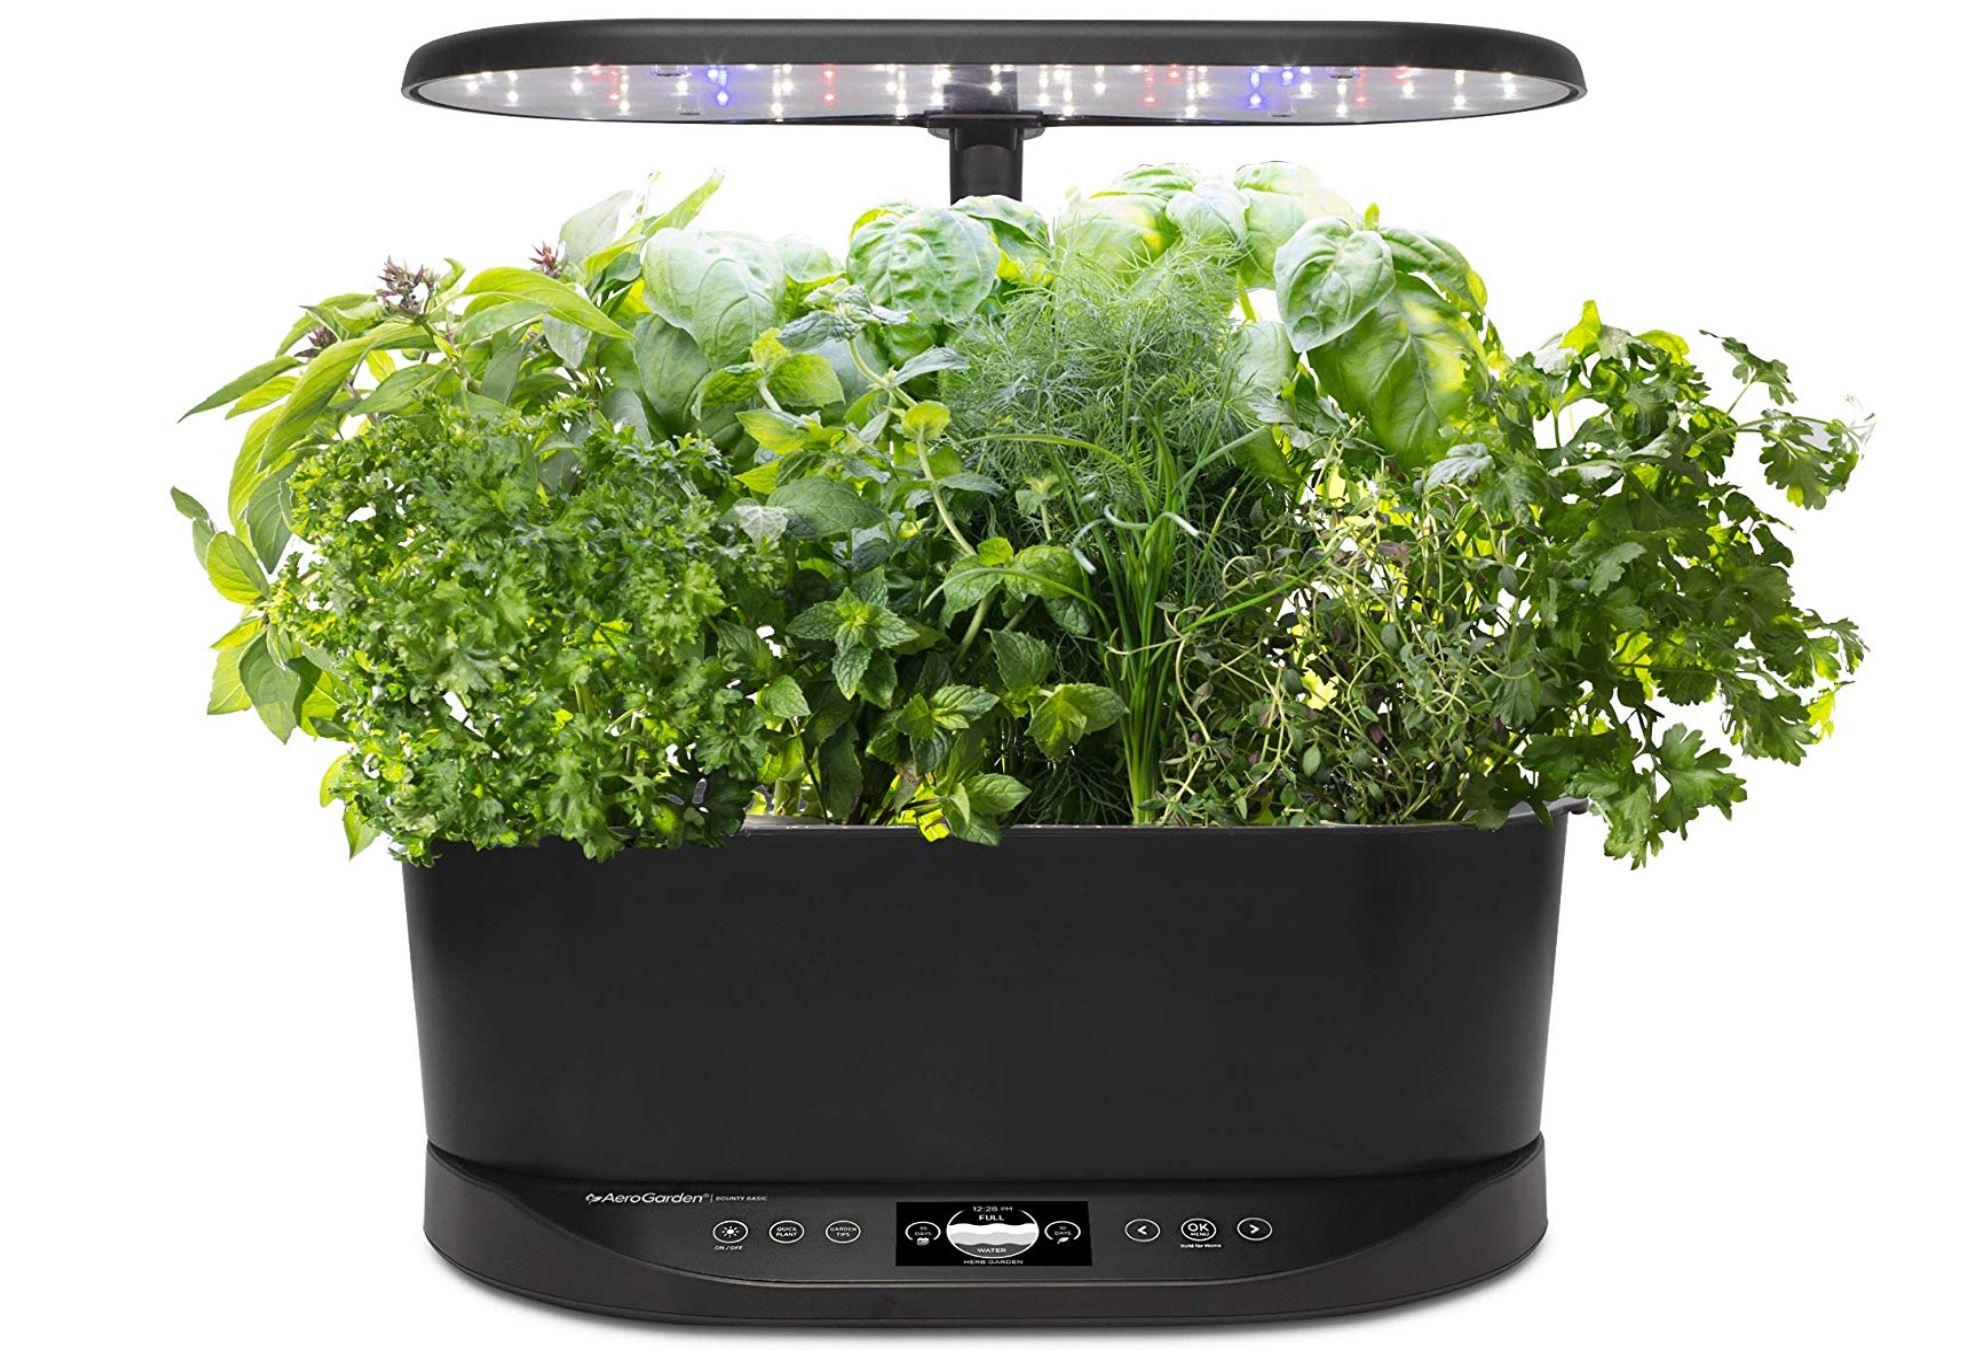 Amazon: AeroGarden Bounty Basic-Black Indoor Garden + FS $159.95